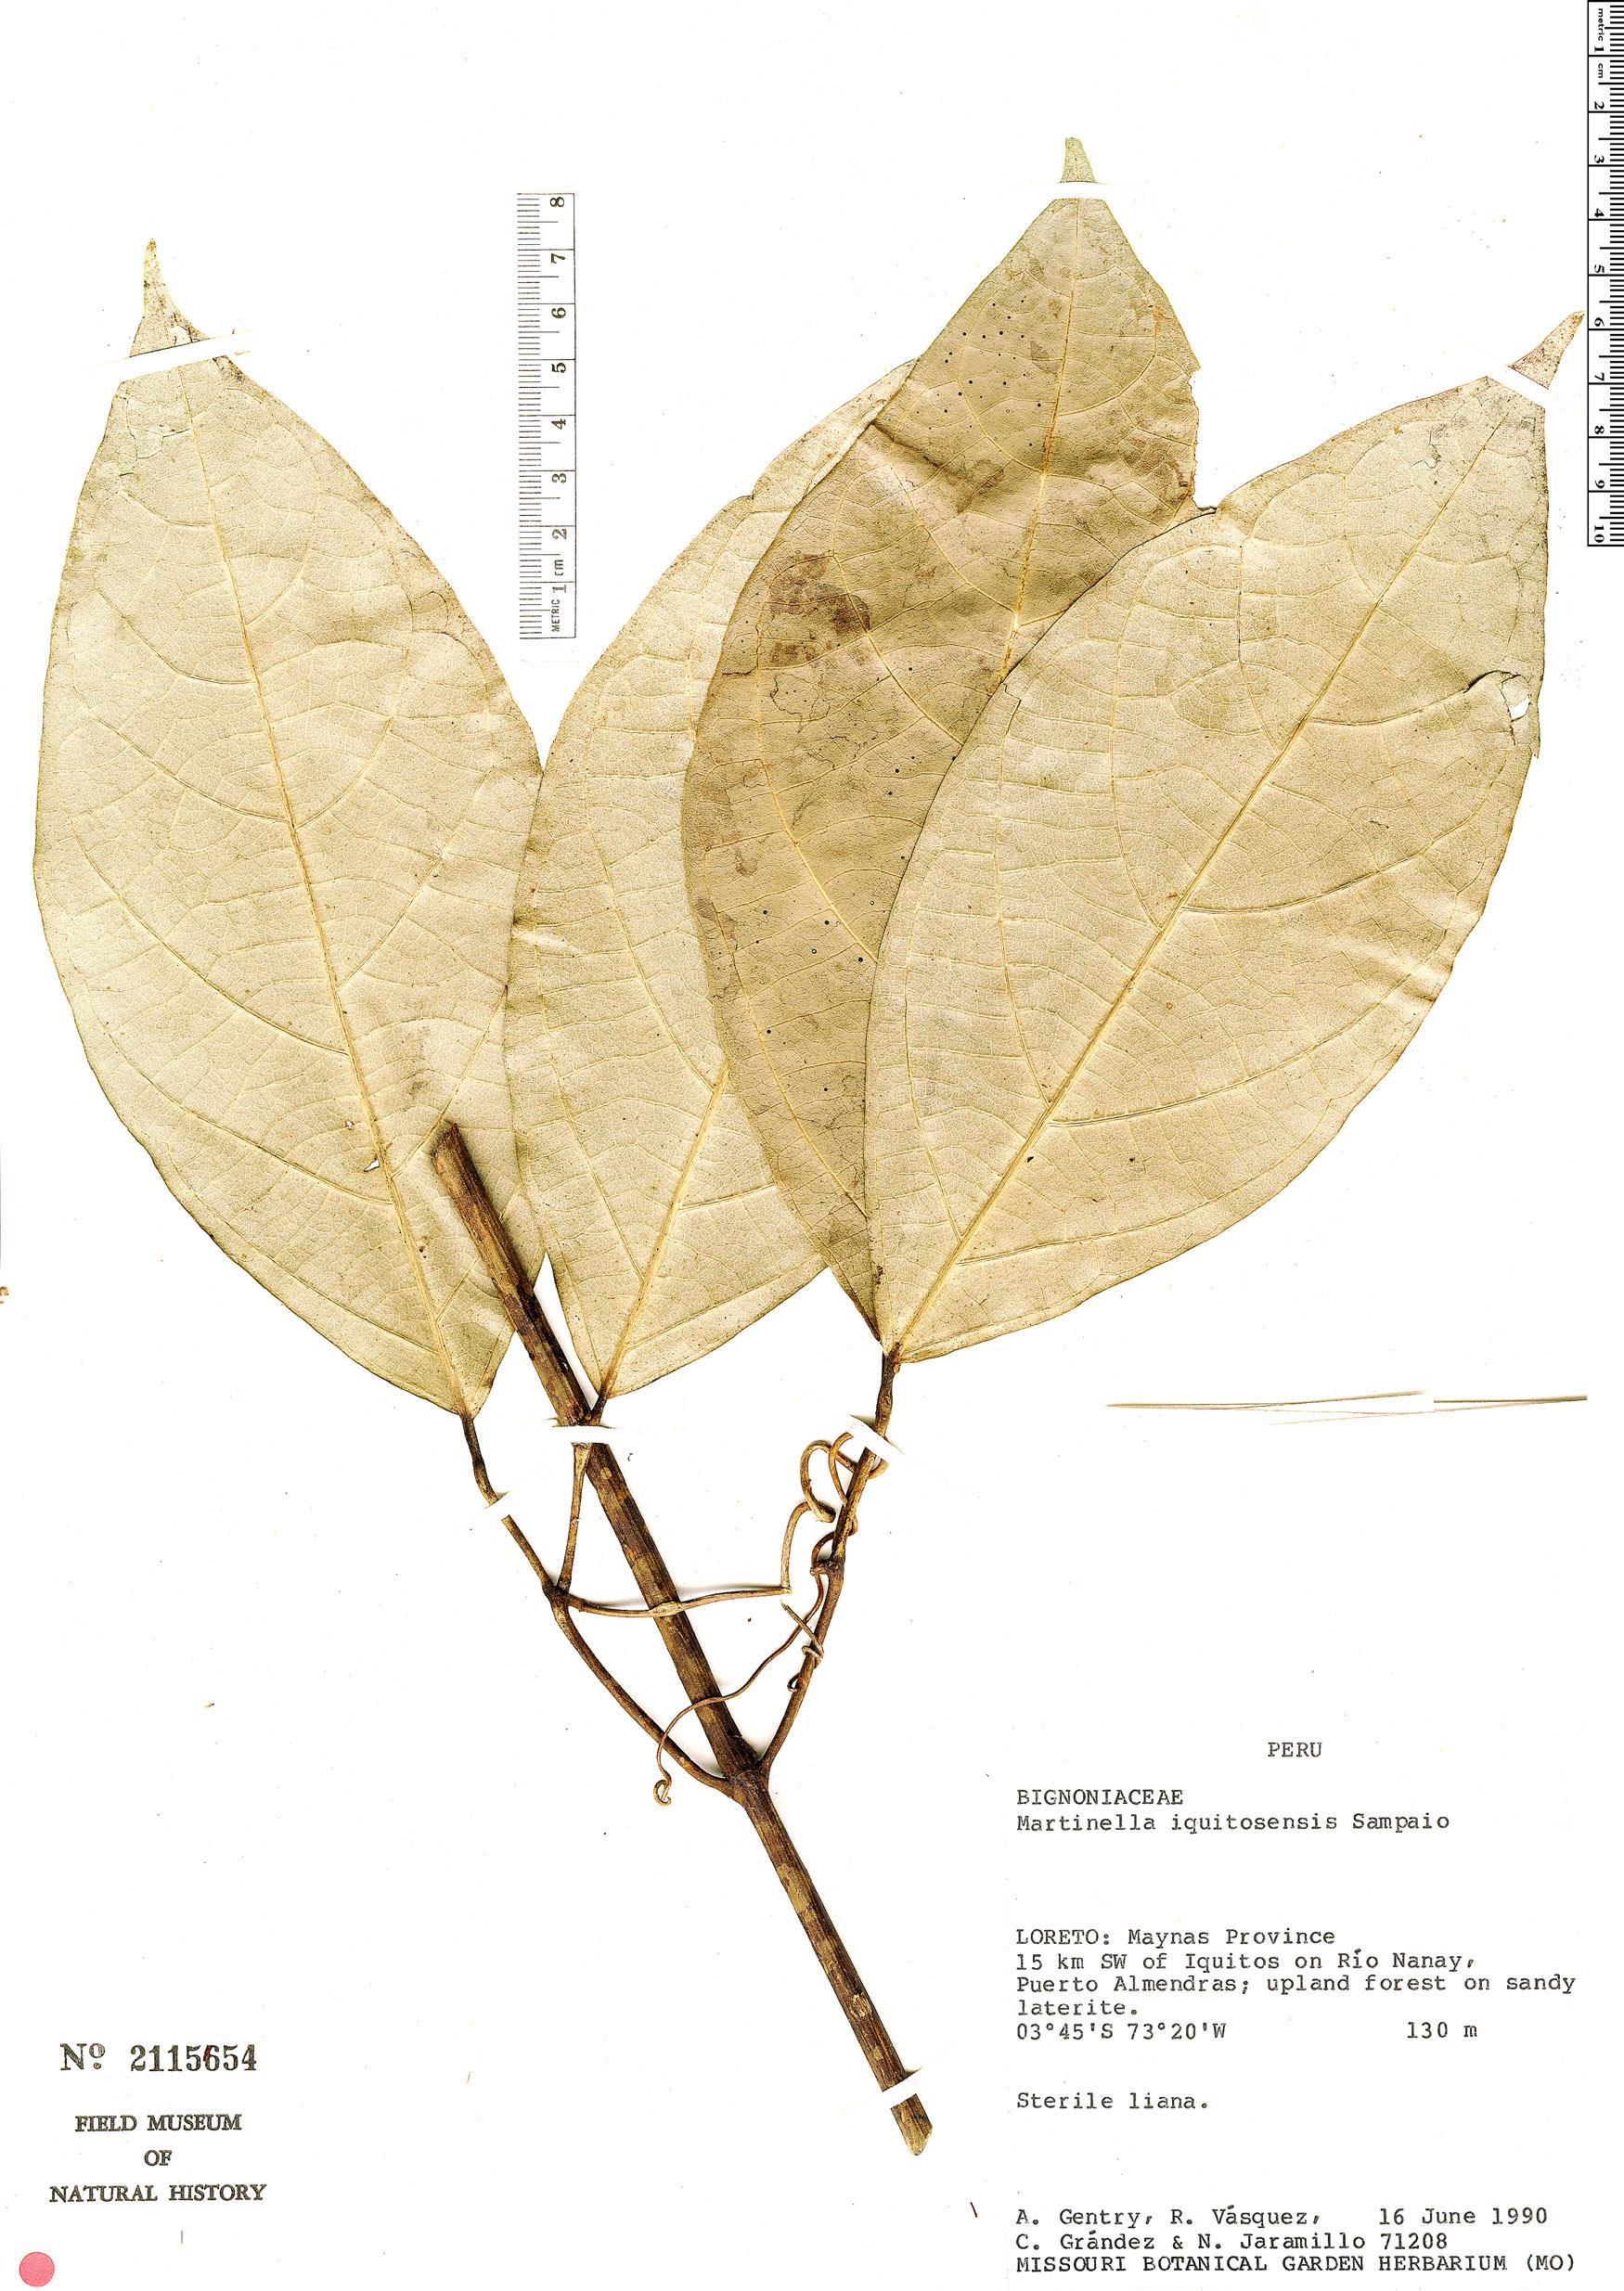 Specimen: Martinella iquitoensis